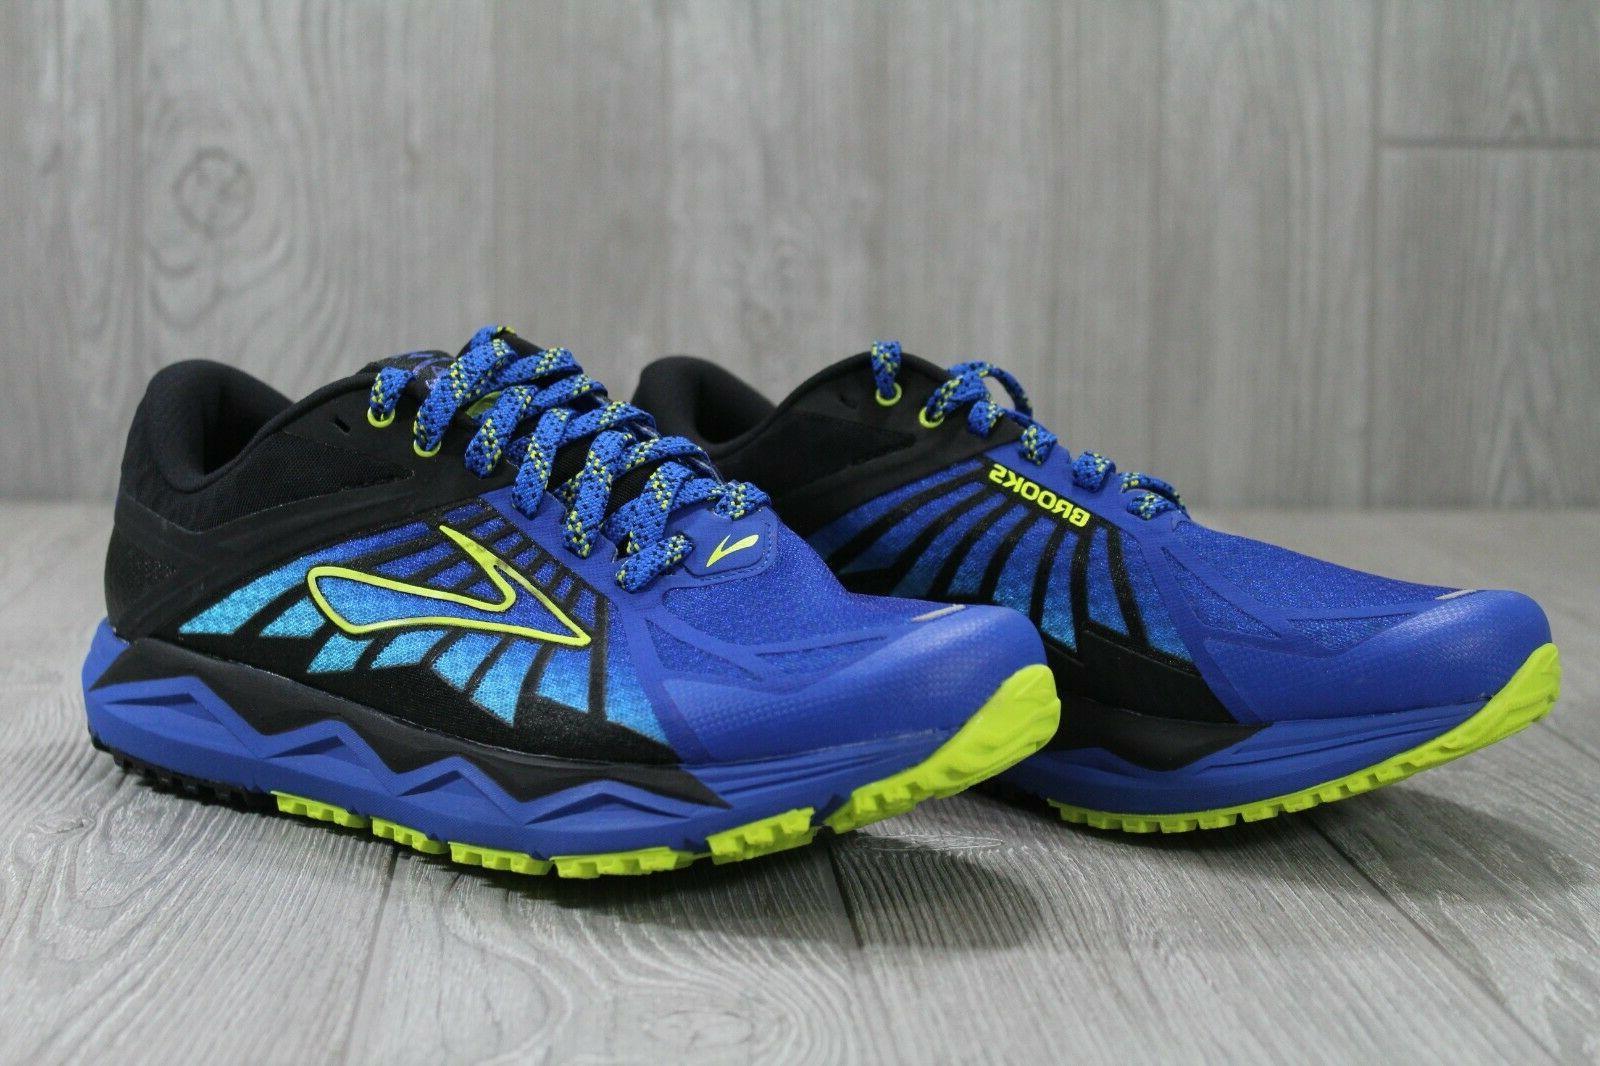 38 2 Trail Shoes Men's 8.5 9 110272-429